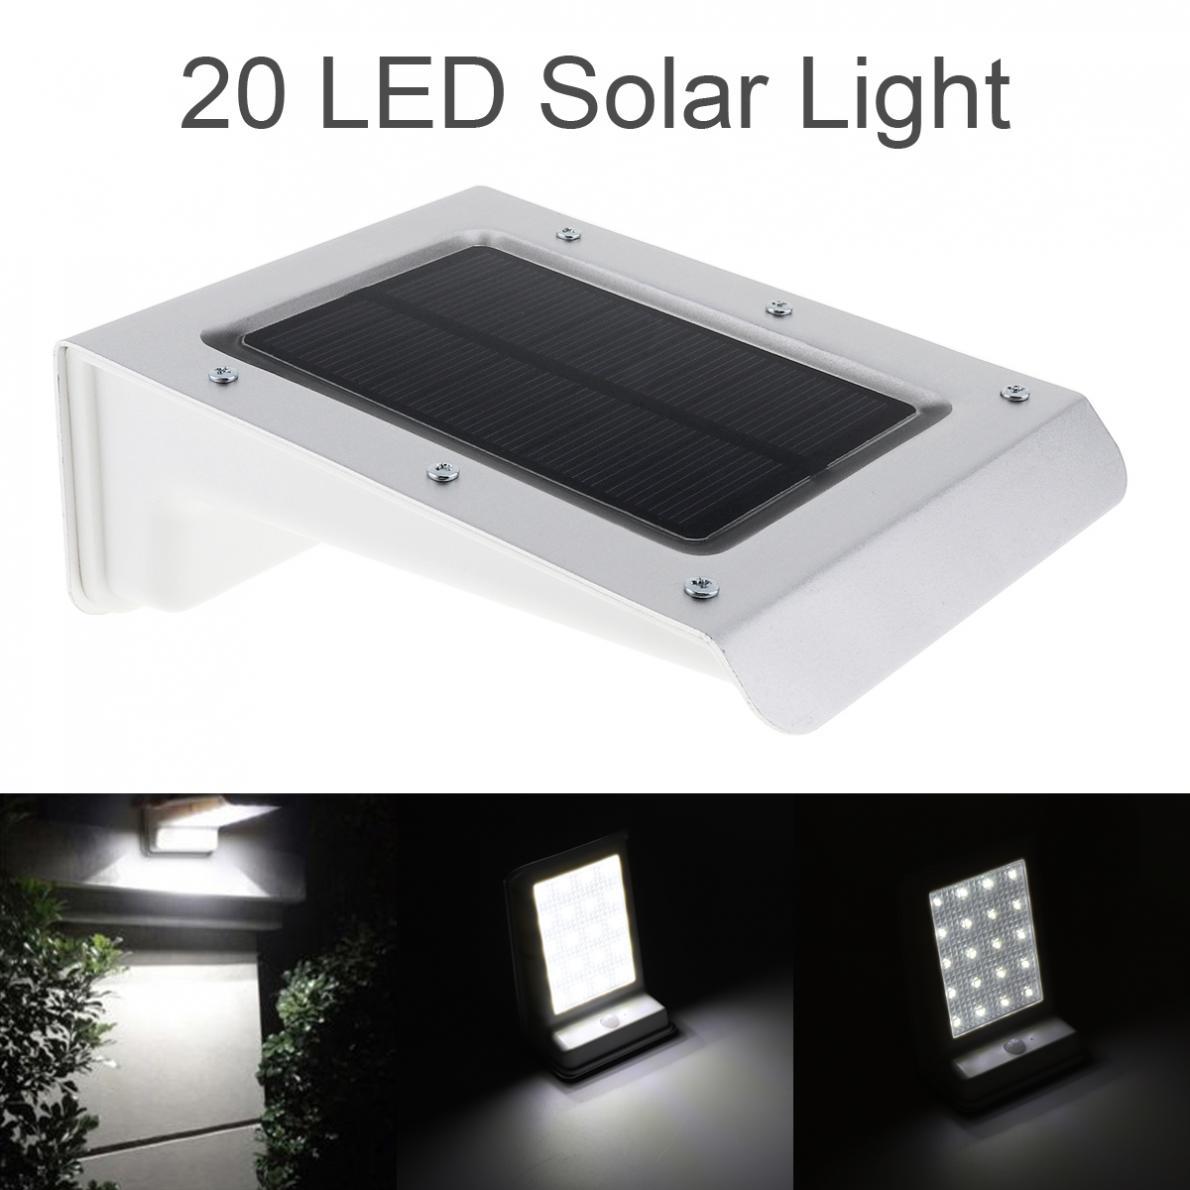 À Prova D' água Durável 20 LED De Energia Solar Ao Ar Livre Lâmpada PIR Motion Sensor De Luz De Segurança